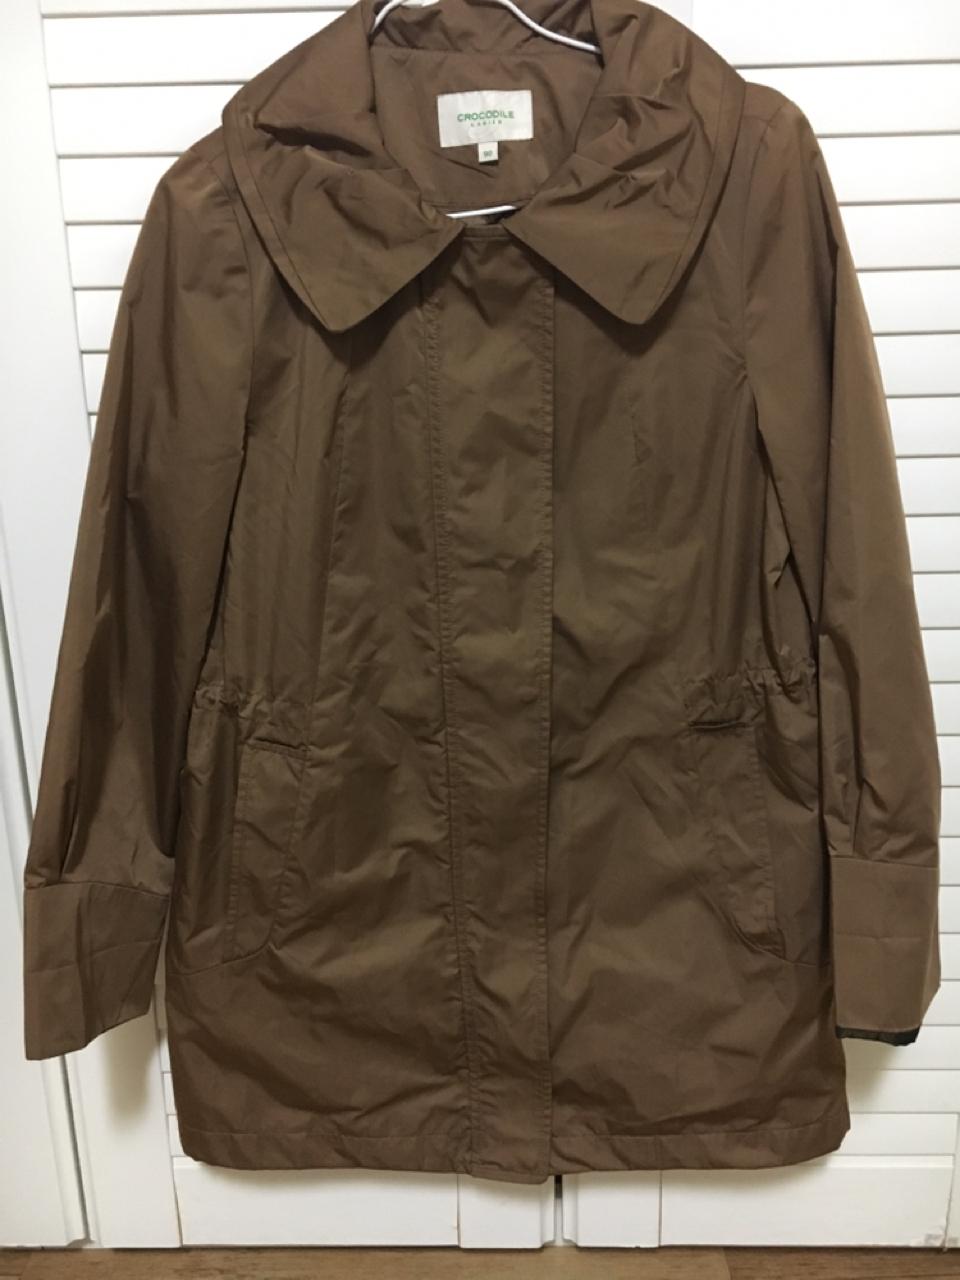 크로크타일 갈색 코트 55-66사이즈